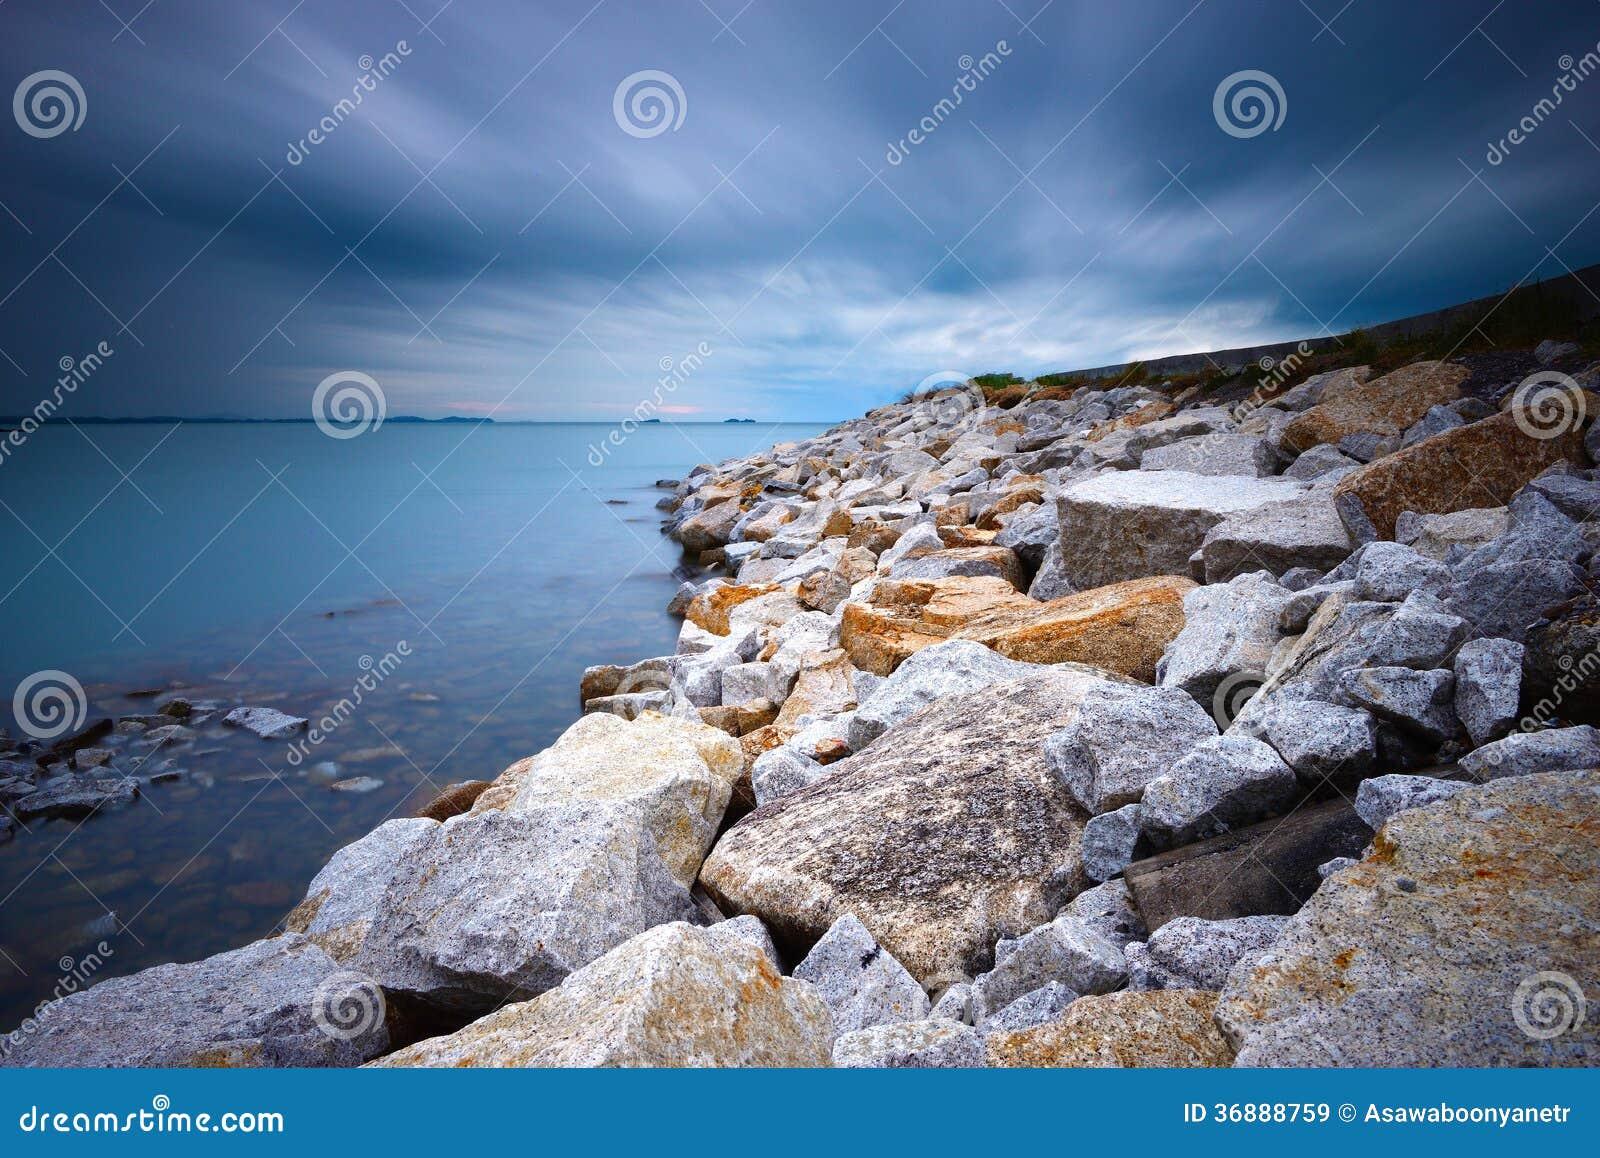 Download Spiaggia della roccia immagine stock. Immagine di scenico - 36888759